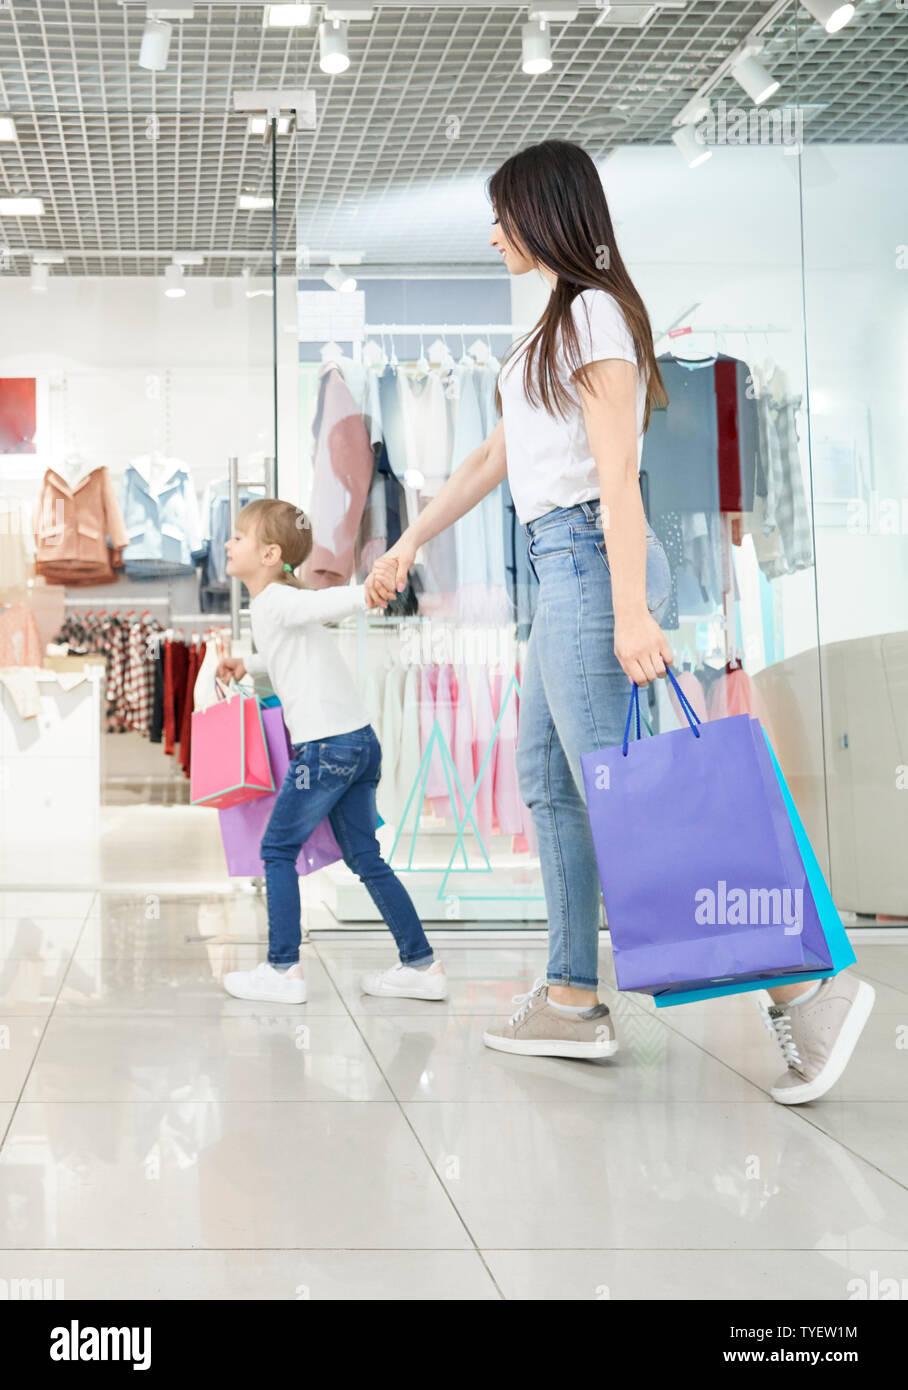 Seitenansicht der jungen attraktiven Mutter zusammen einkaufen mit kleiner Tochter in der Mall. Positive Mädchen die Hand der Frau und in Geschäften. Familie die Auswahl und Kauf neuer Kleidung und Spielzeug. Stockfoto